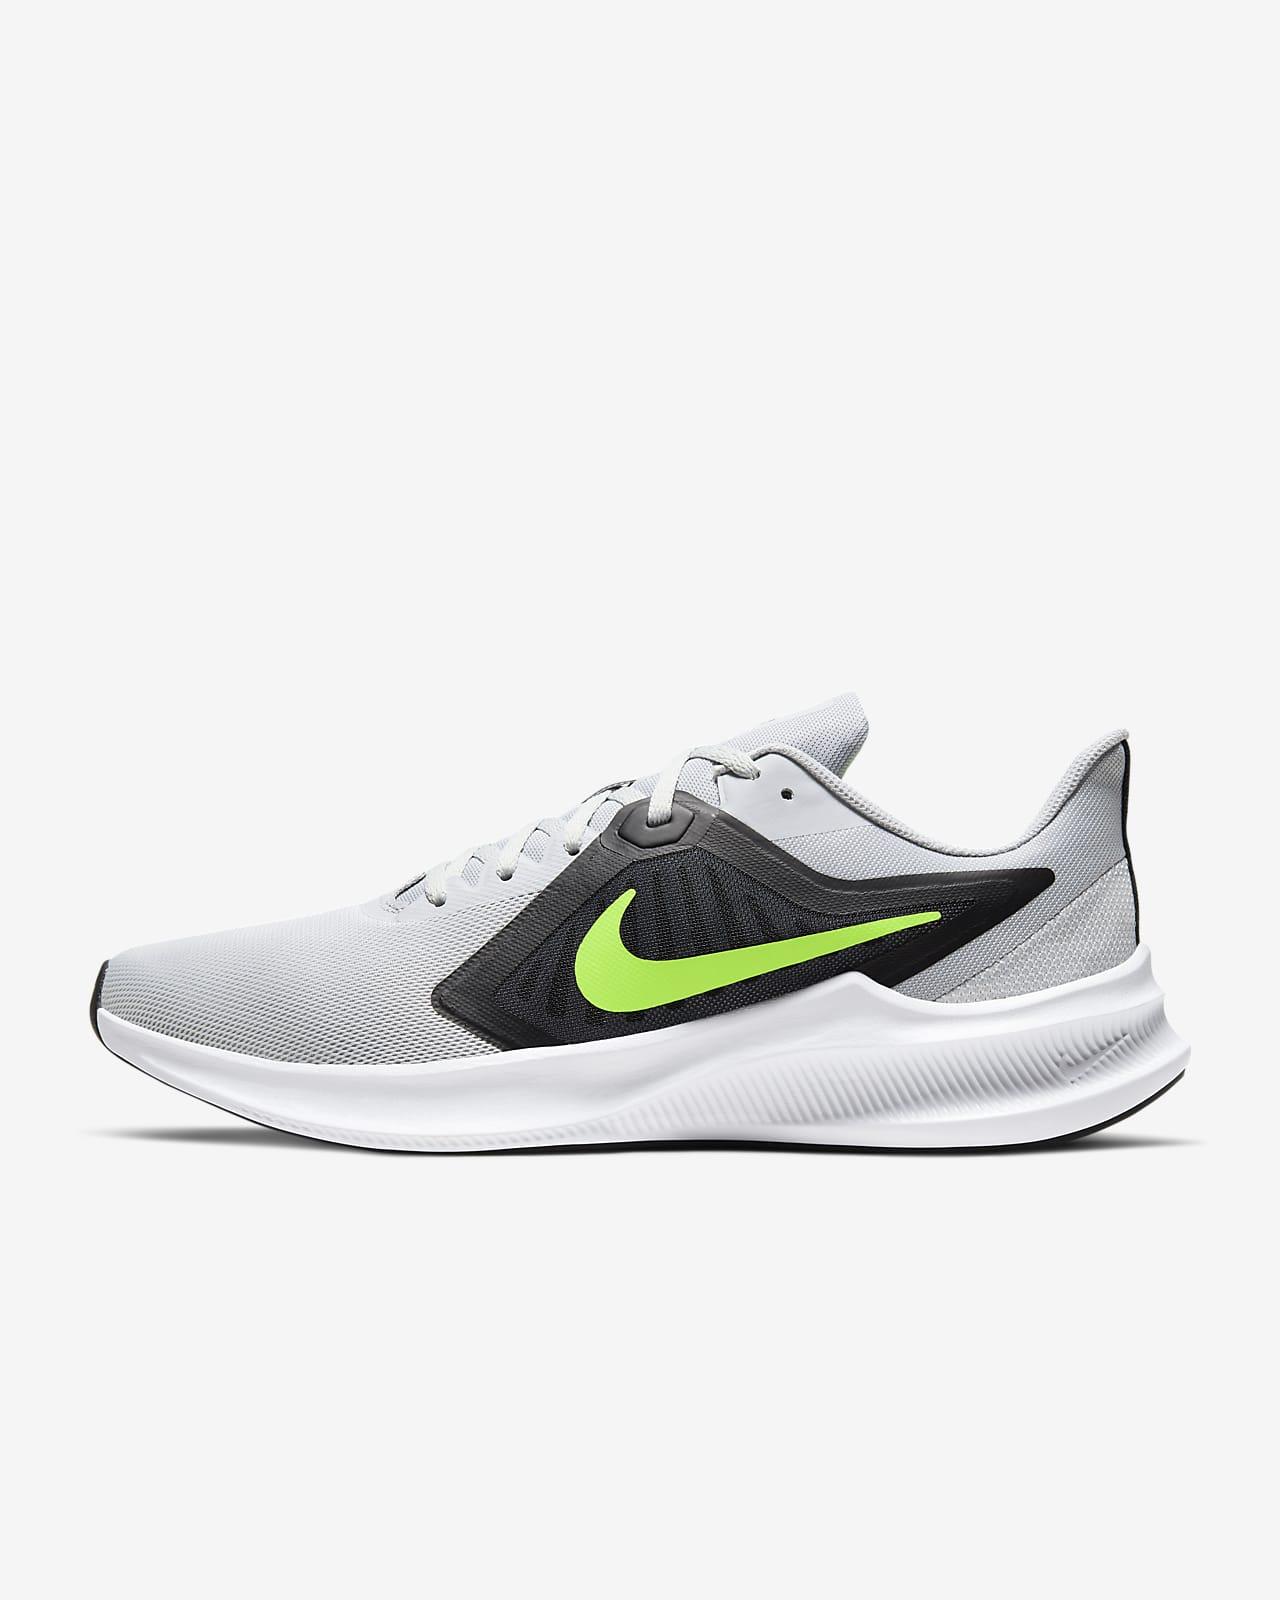 Nike Downshifter 10 Hardloopschoen voor heren